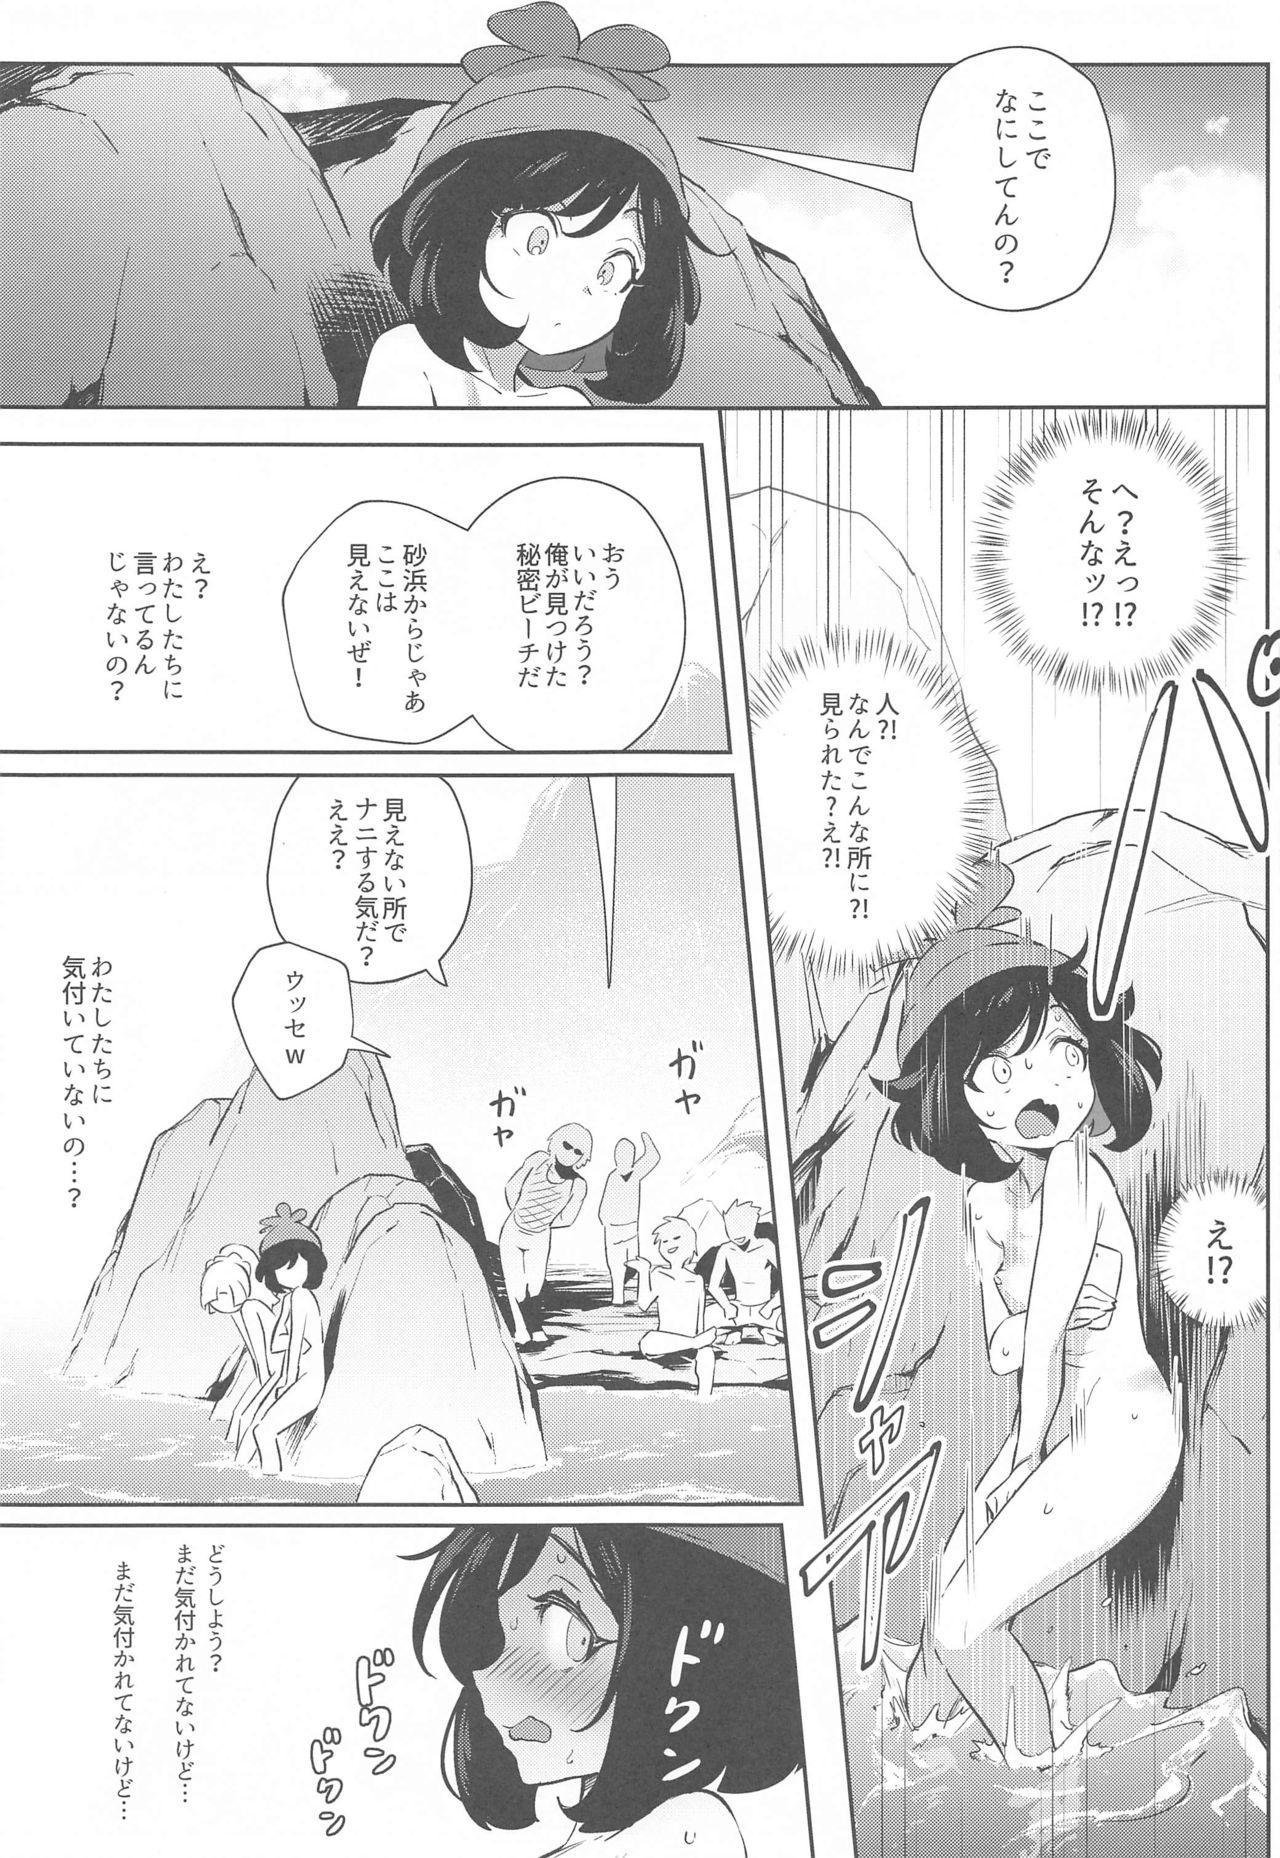 Onnanoko-tachi no Himitsu no Bouken 2 18